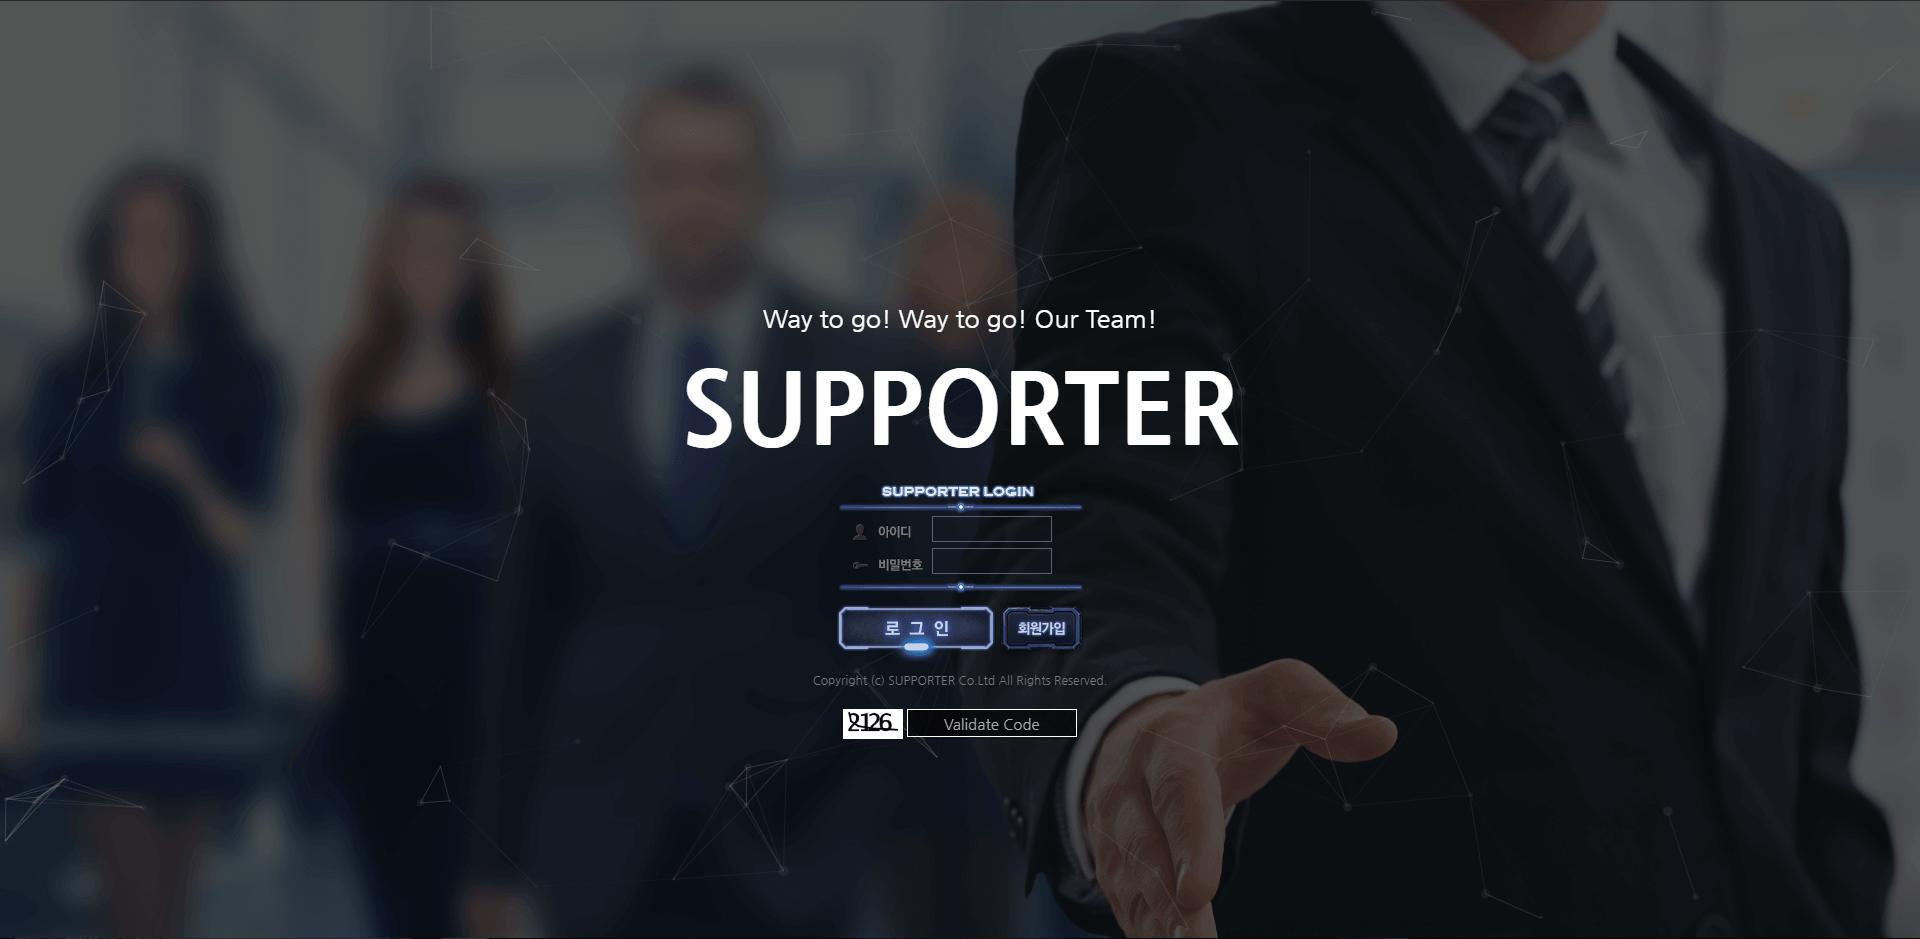 토토안내소 보증인증업체 서포터(Supporter)